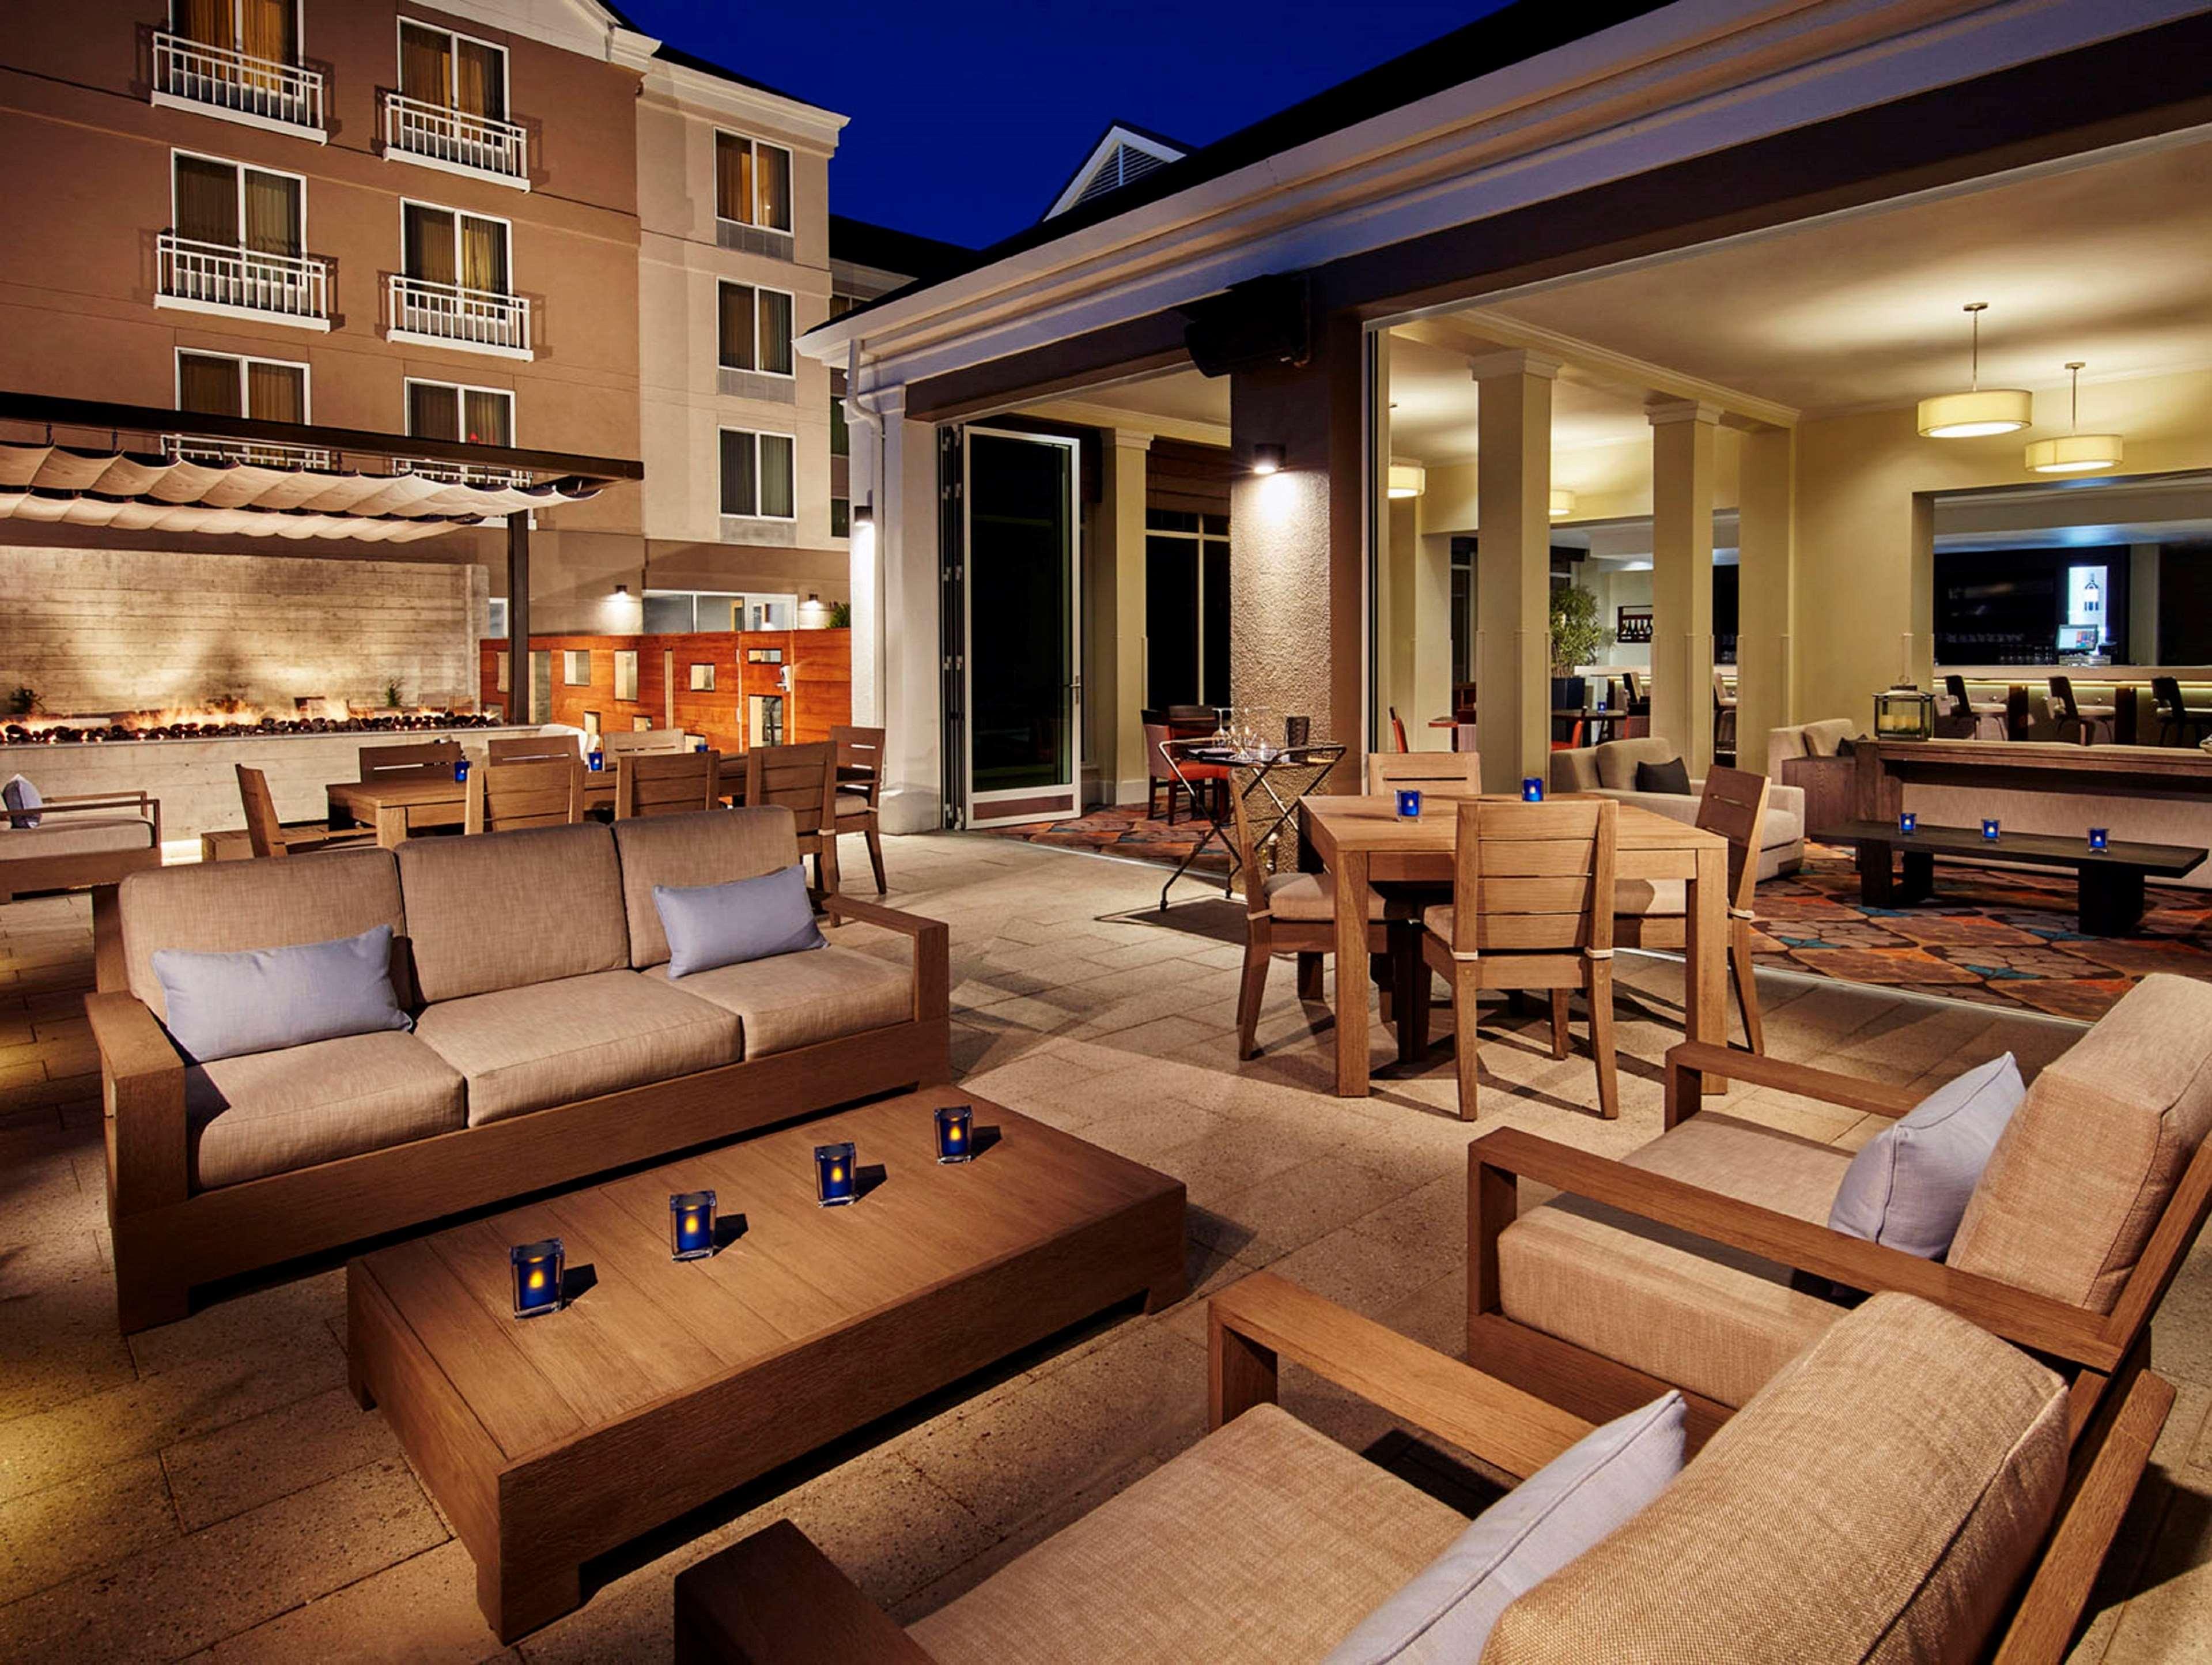 Hilton Garden Inn Mountain View Coupons Near Me In Mountain View 8coupons